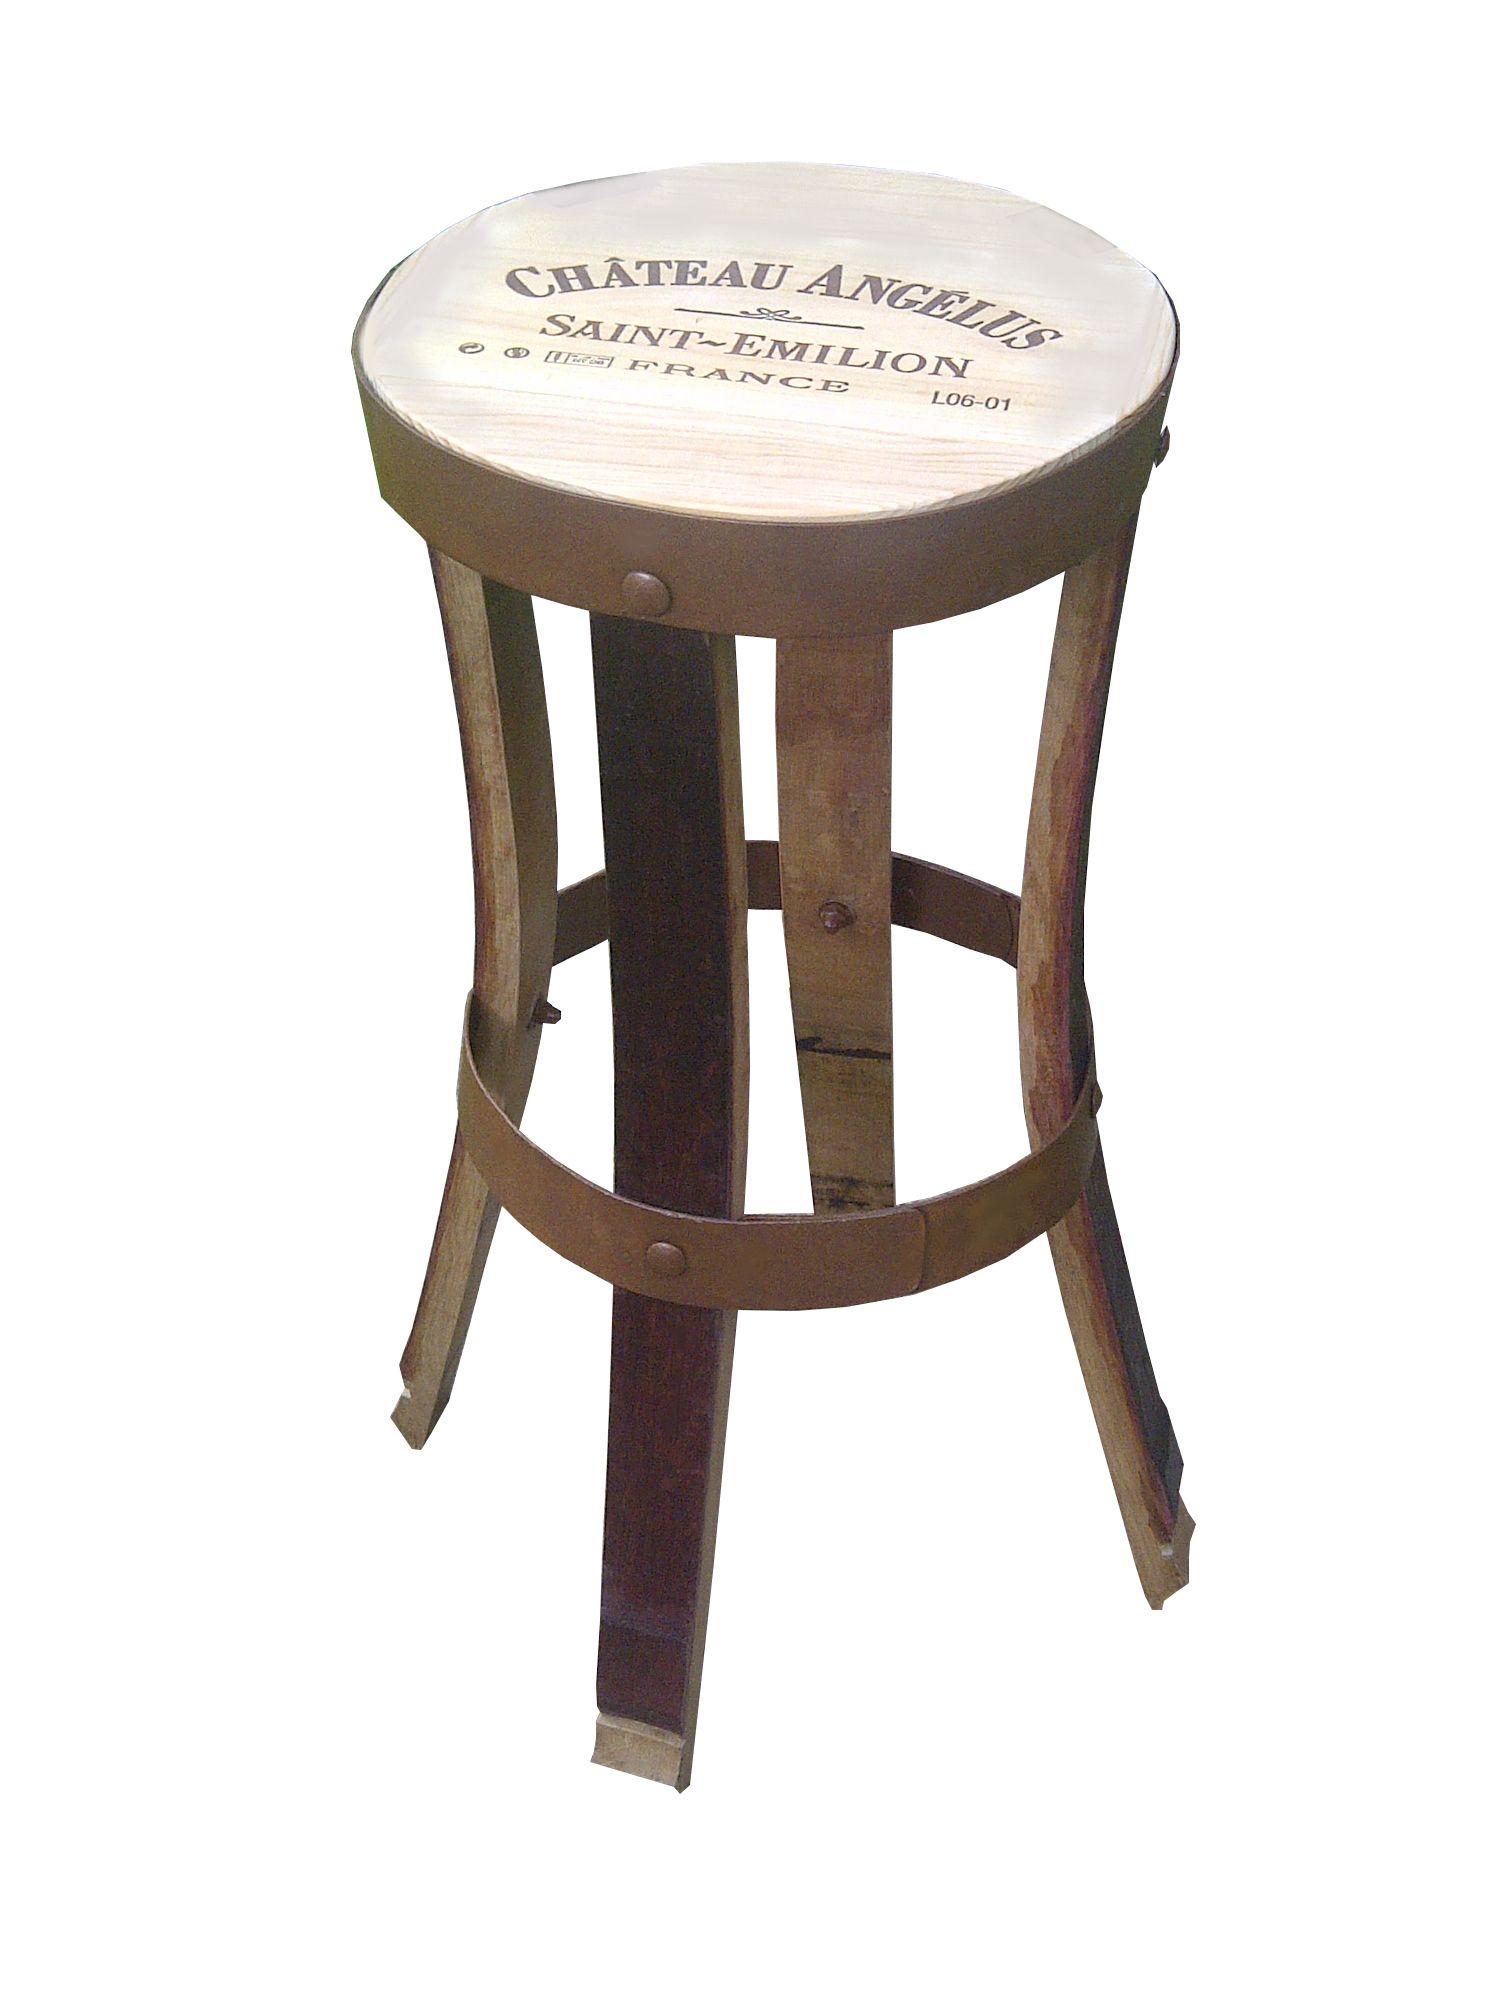 tabouret haut de bar personnalisable fabriqu en douelle de tonneaux de vin merrain notre. Black Bedroom Furniture Sets. Home Design Ideas